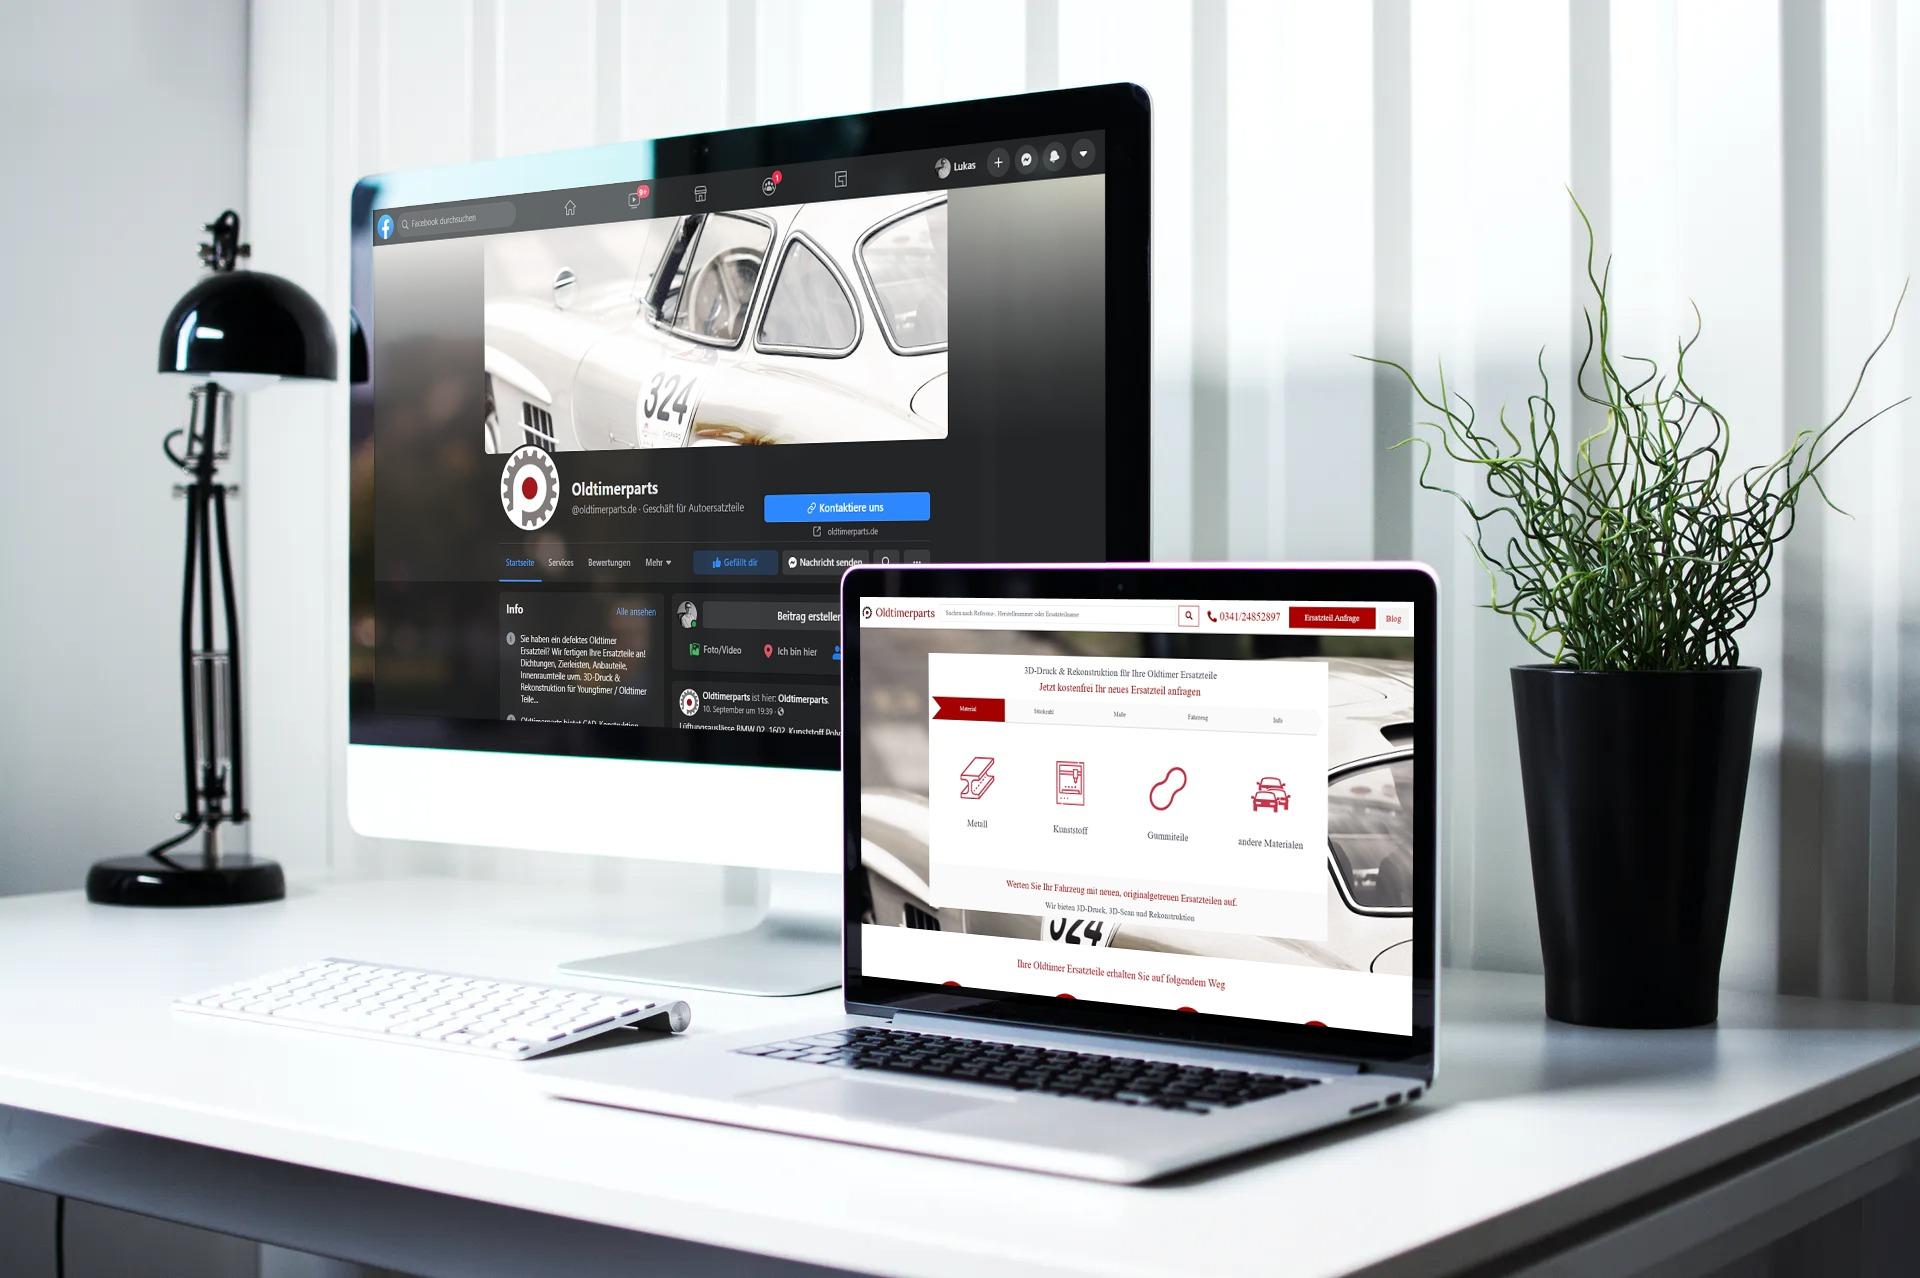 iMac und MacBook zeigen Ergebnisse der Zusammenarbeit mit Oldtimerparts